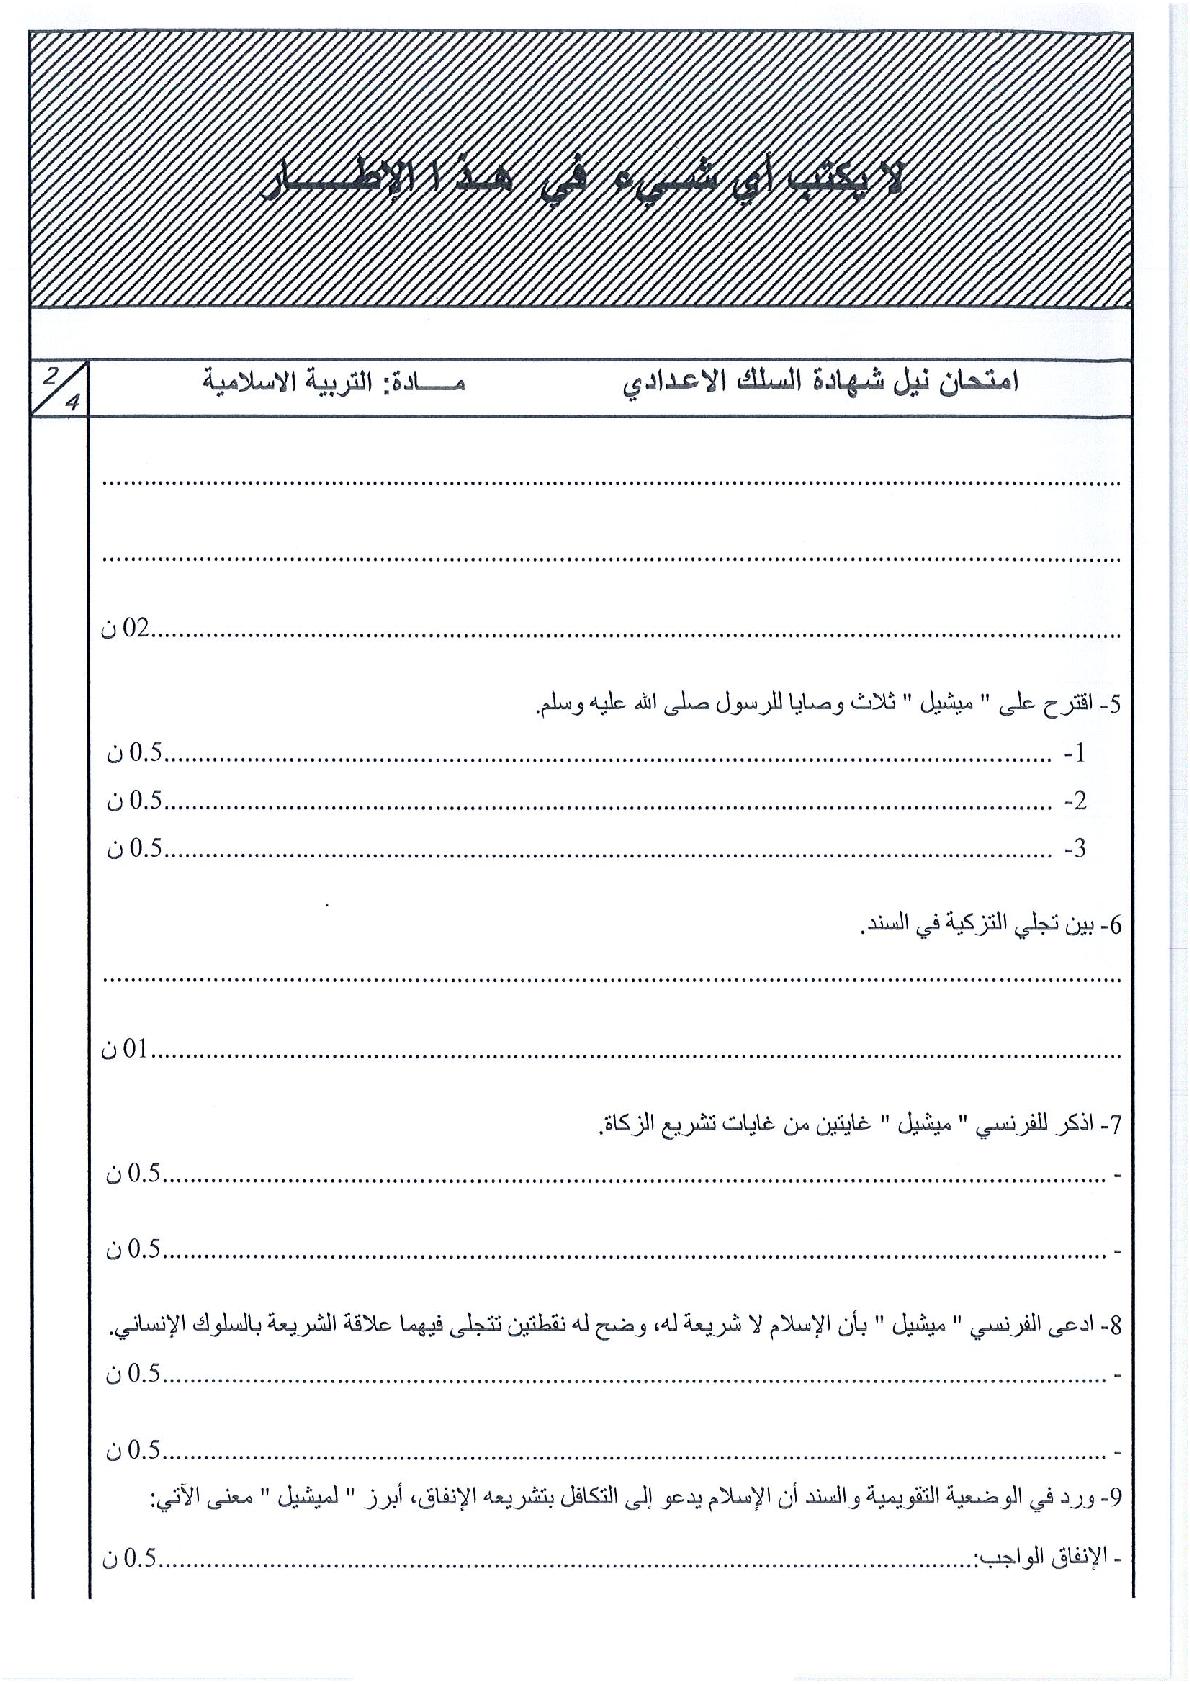 الامتحان الجهوي في التربية الإسلامية الثالثة اعدادي 2017